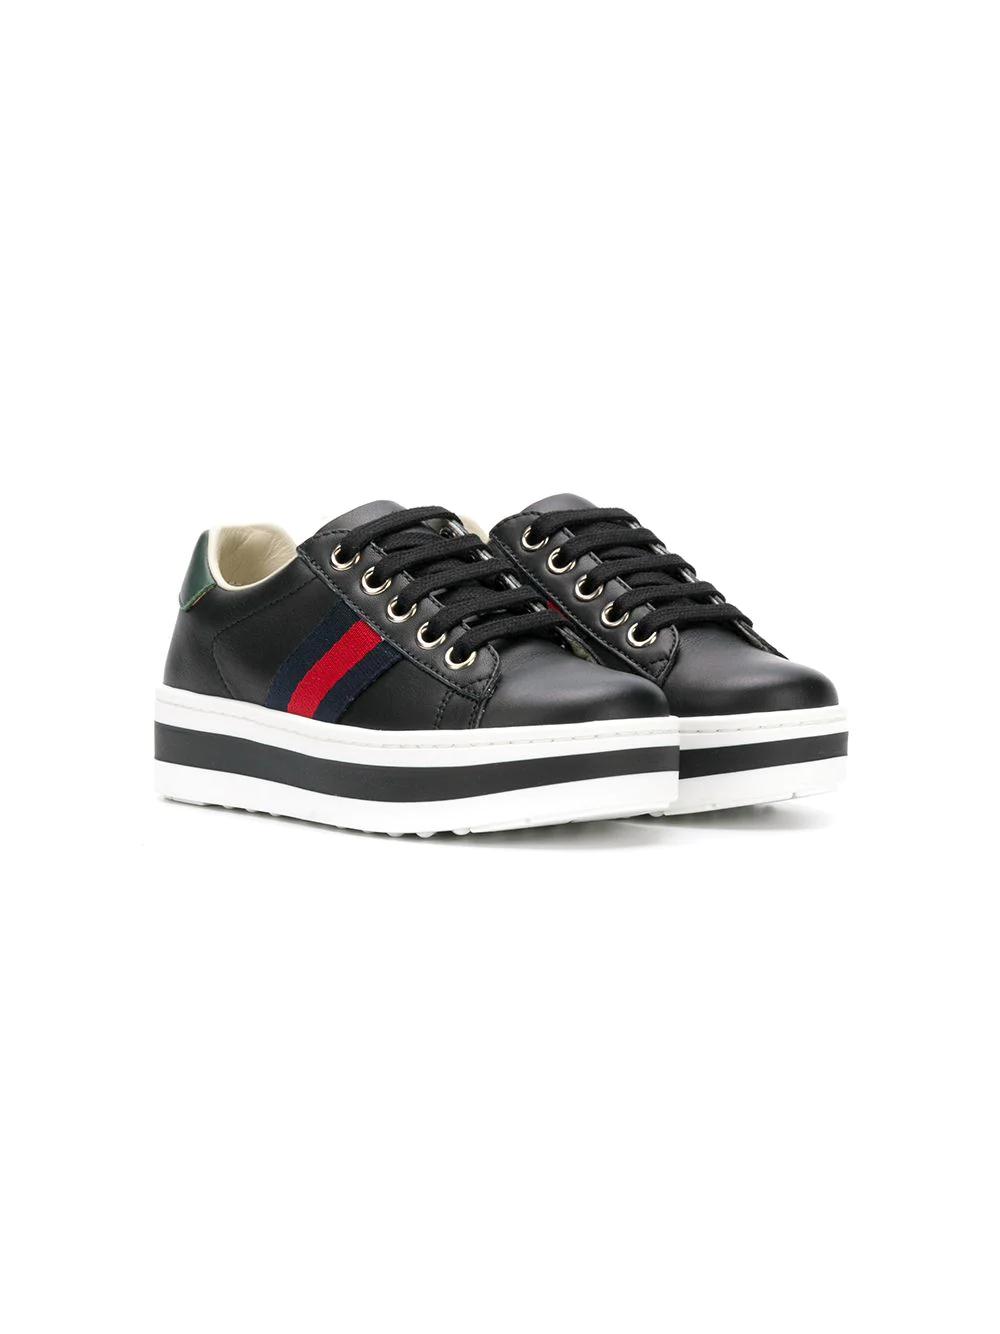 Gucci Kids | кроссовки на платформе с отделкой Web | Clouty